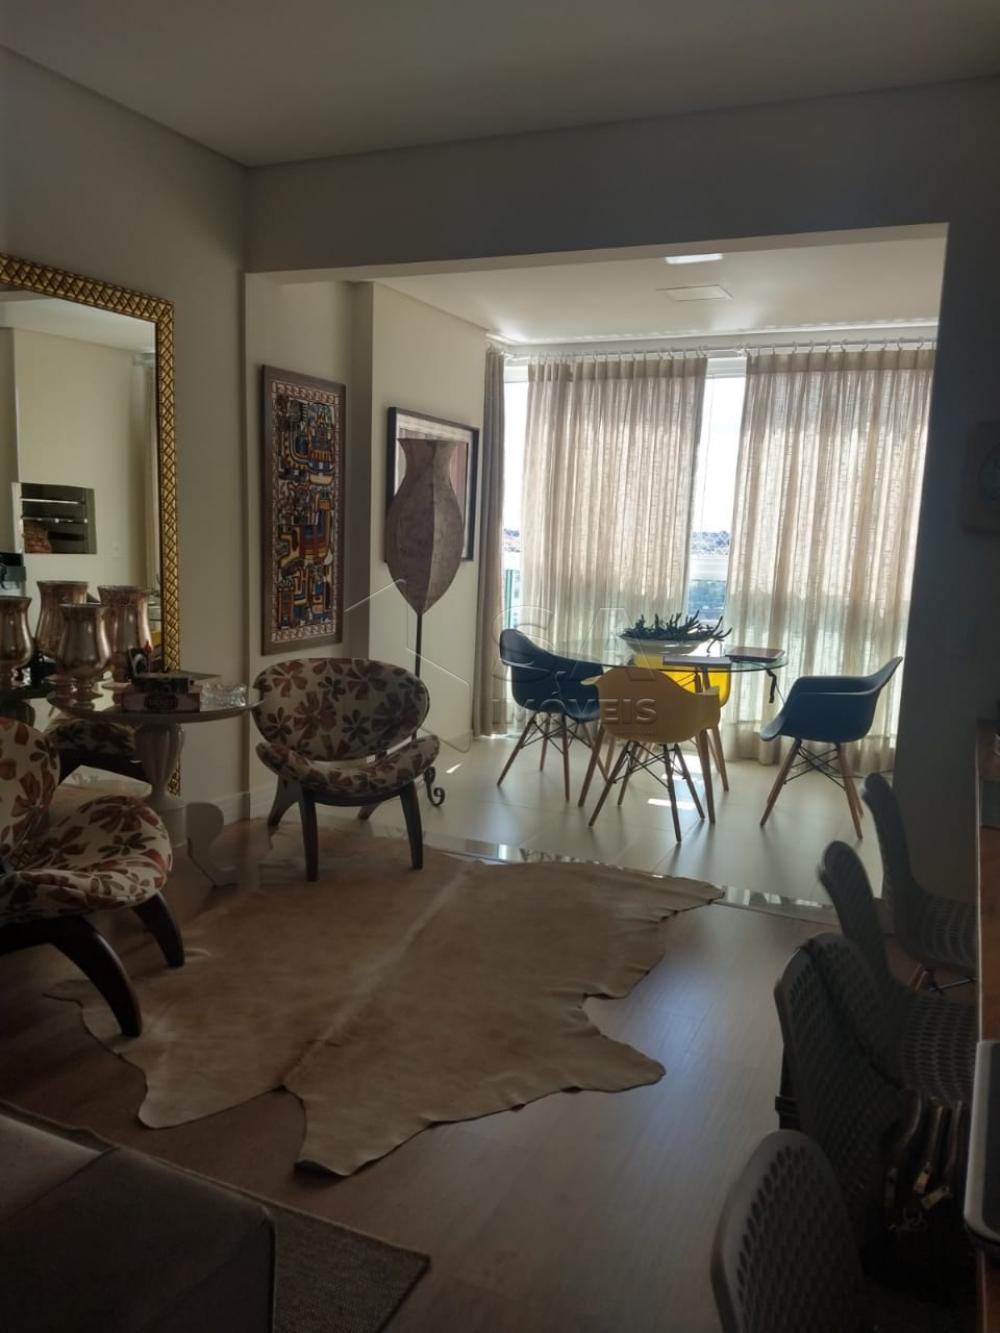 Comprar Apartamento / Padrão em Botucatu apenas R$ 750.000,00 - Foto 2